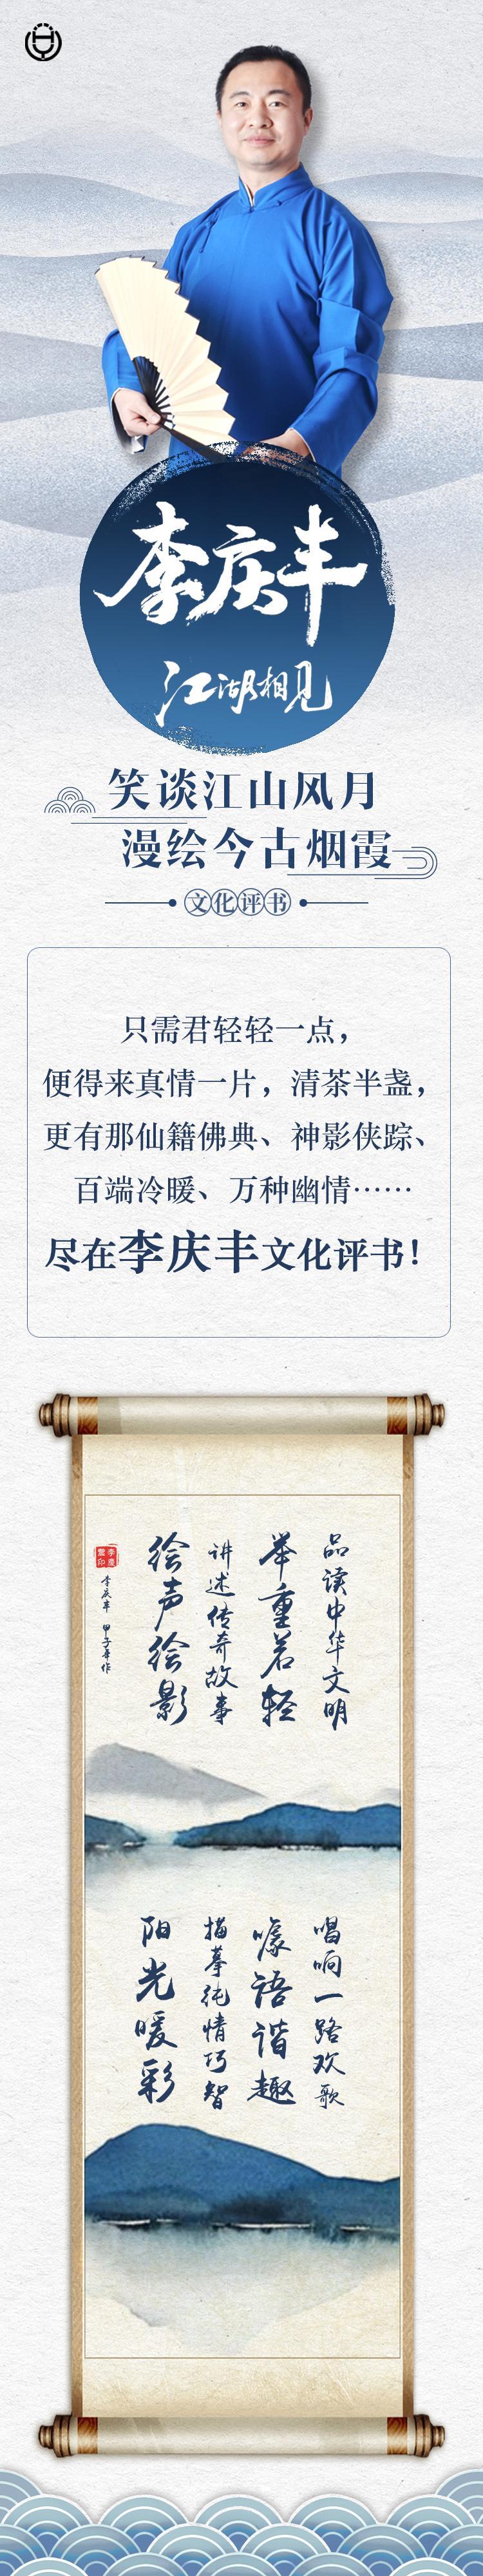 《骆驼祥子》李庆丰文化评书